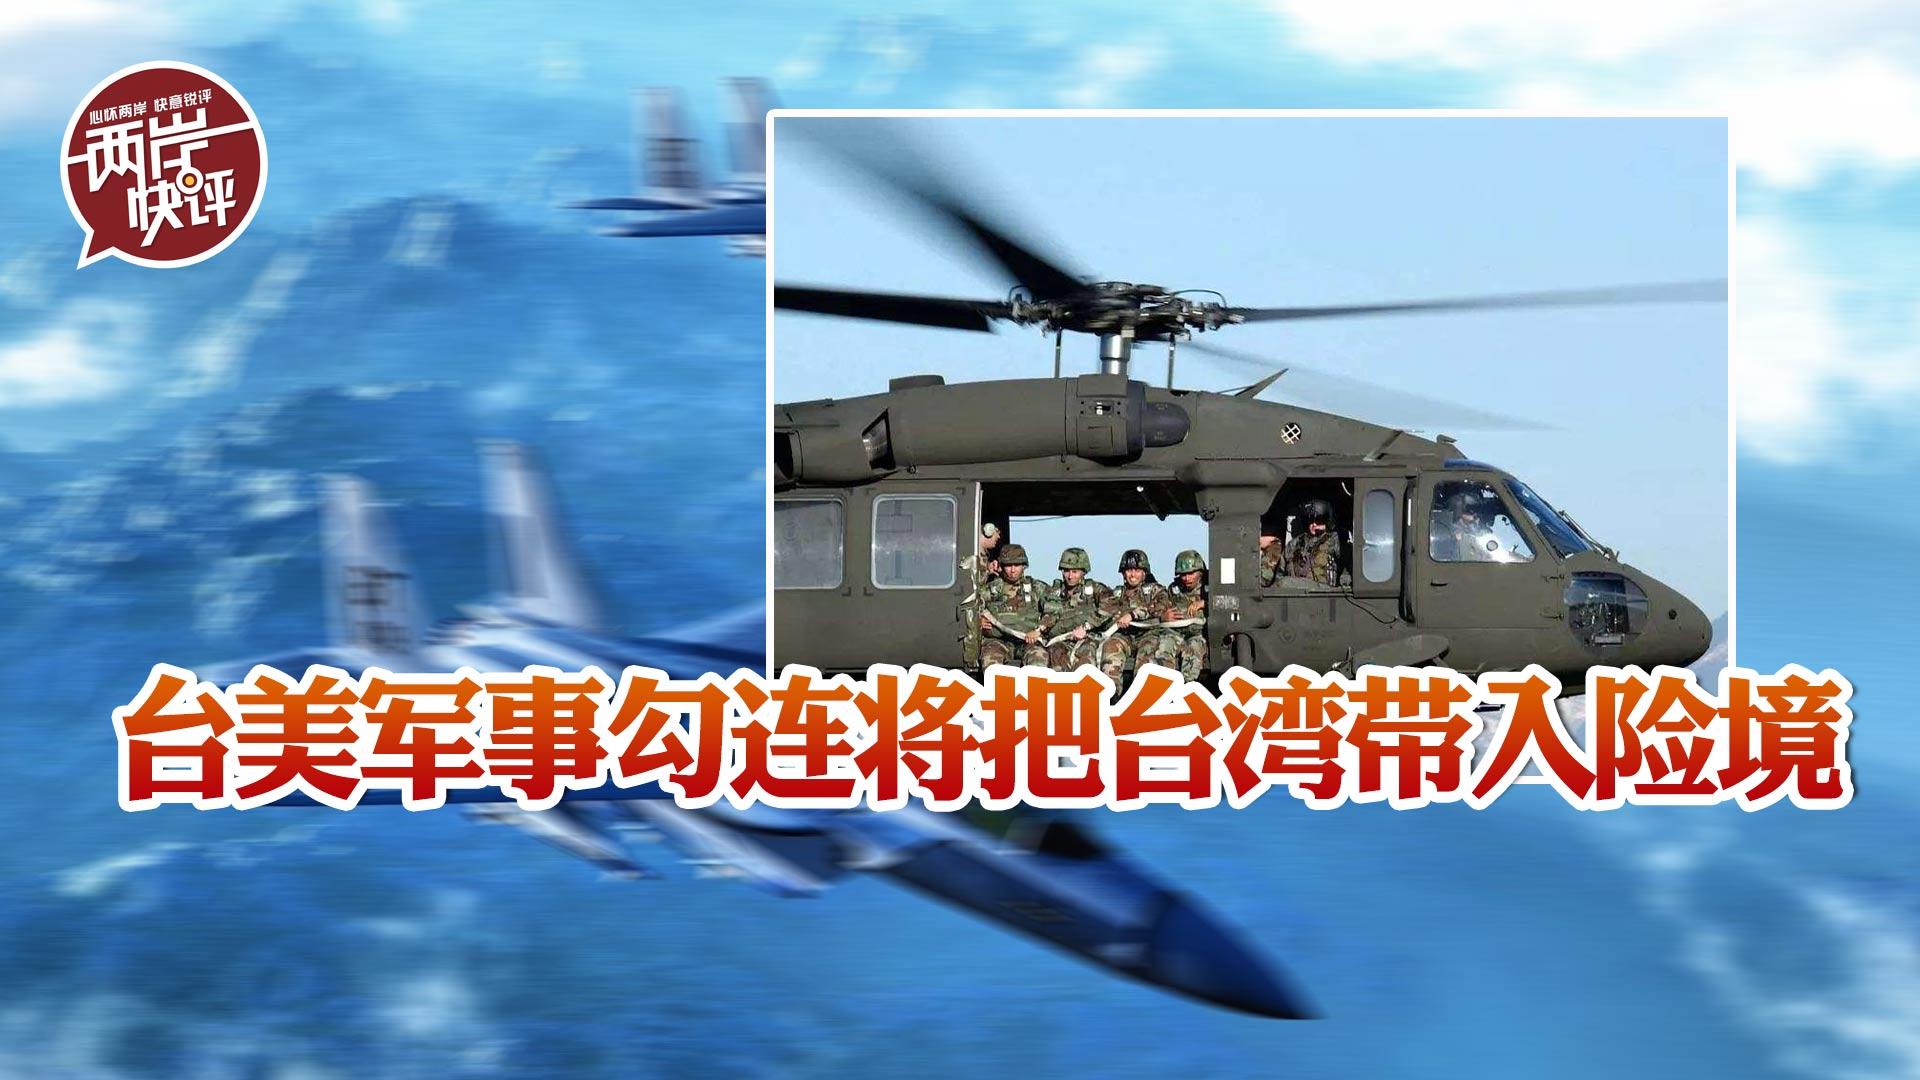 民进党当局与美国军事勾连,势将台湾带入险境